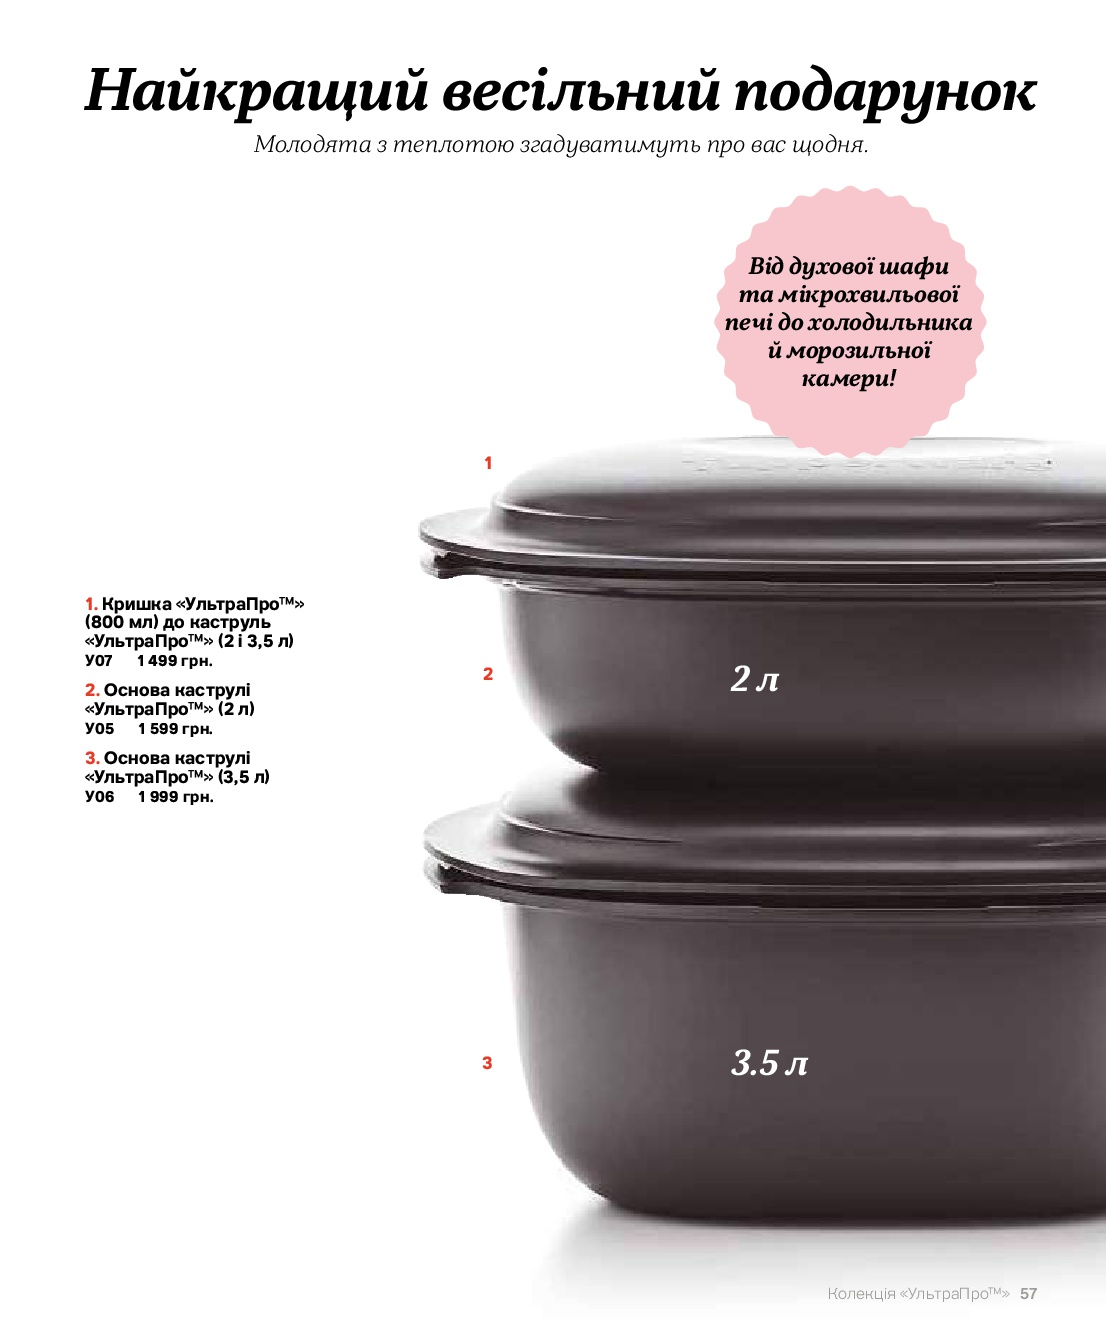 Страница каталога .56 Ультра про, кастрюли и крышки, цены все виды